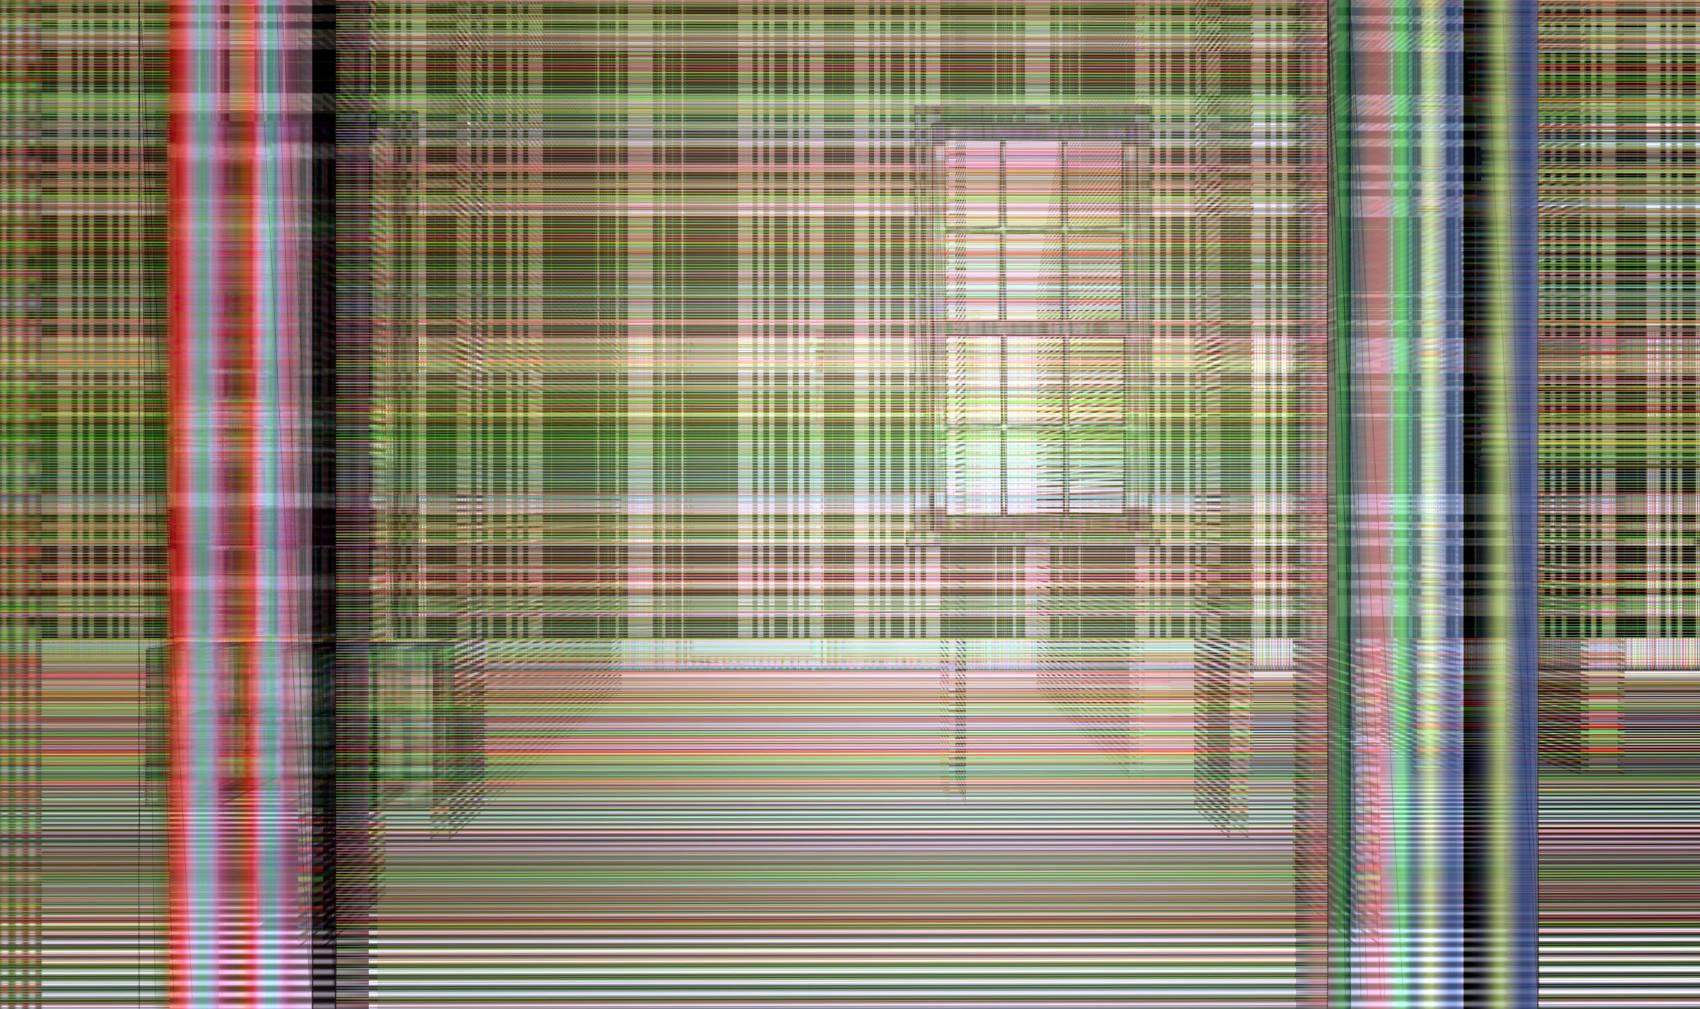 Indoor 6, 2017, Jet d'encre, 56 x 94 cm